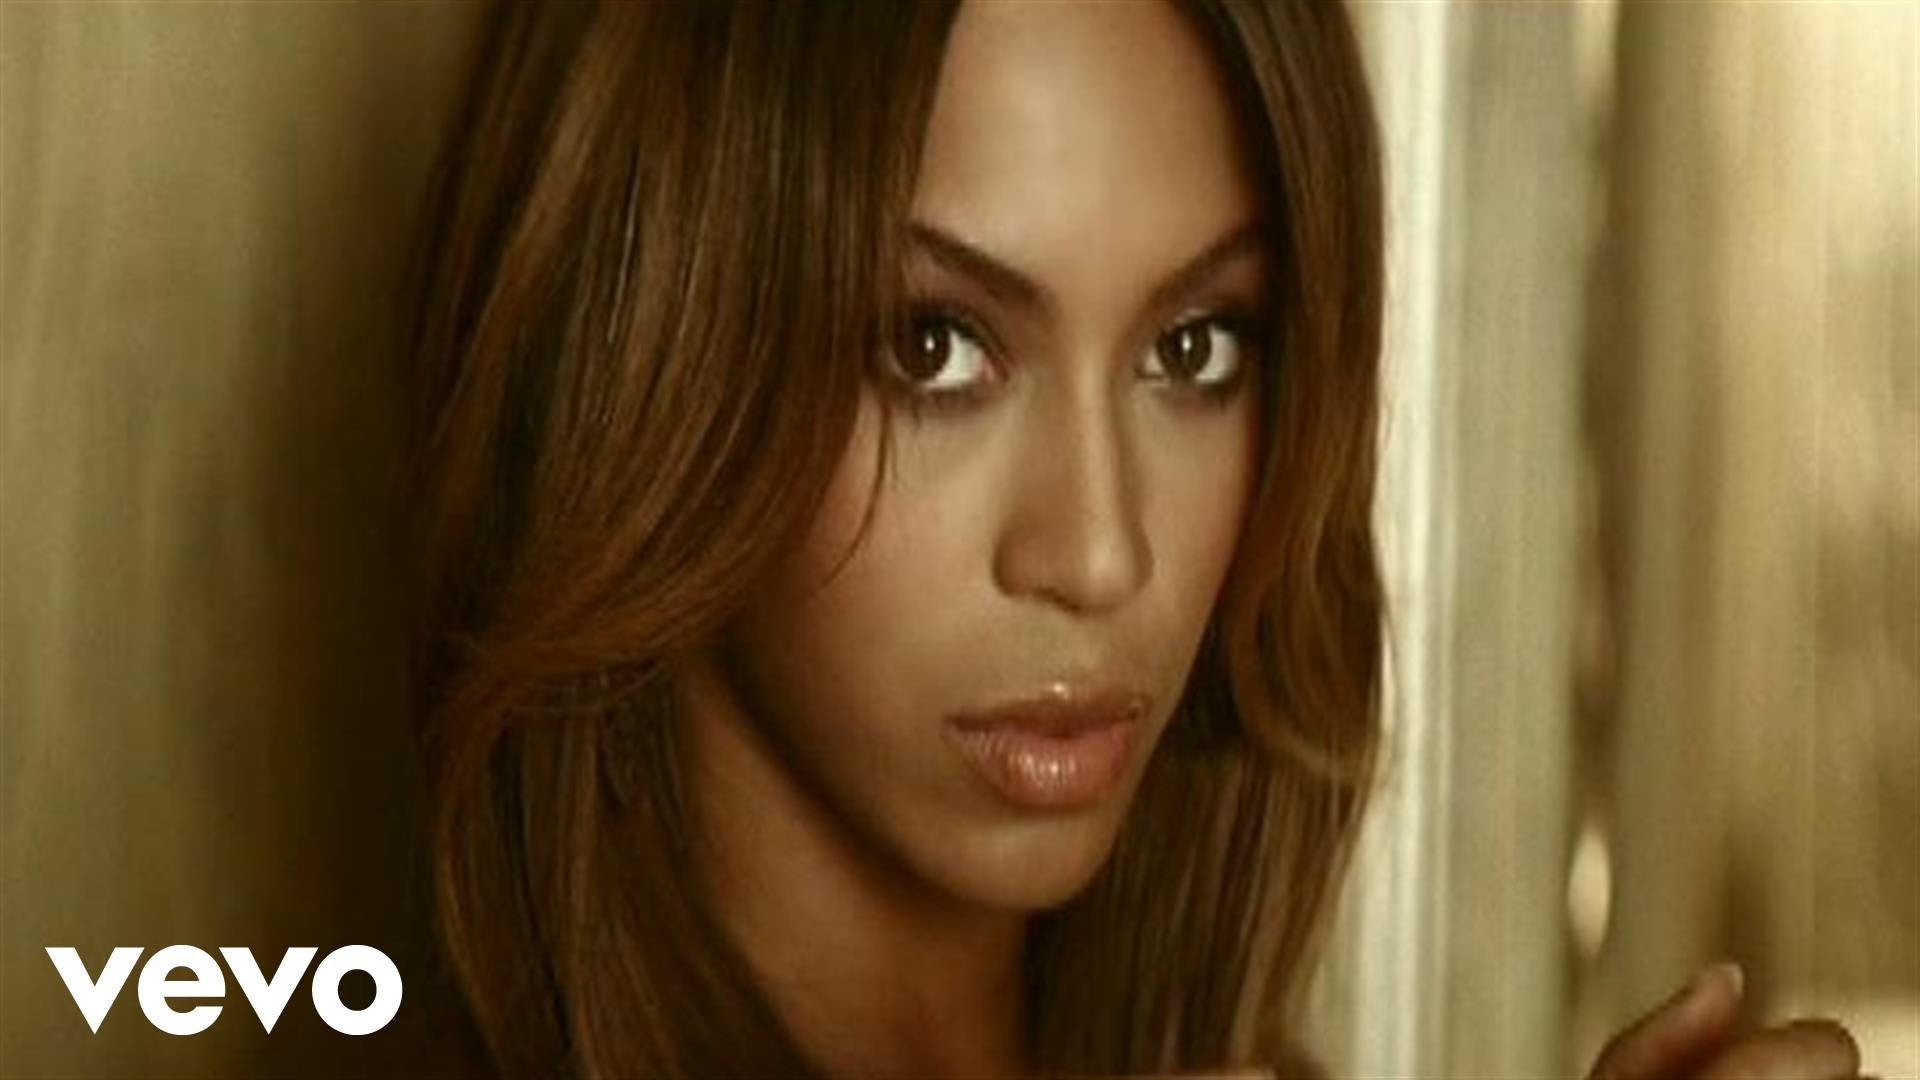 Top 5 Best Beyonce Songs